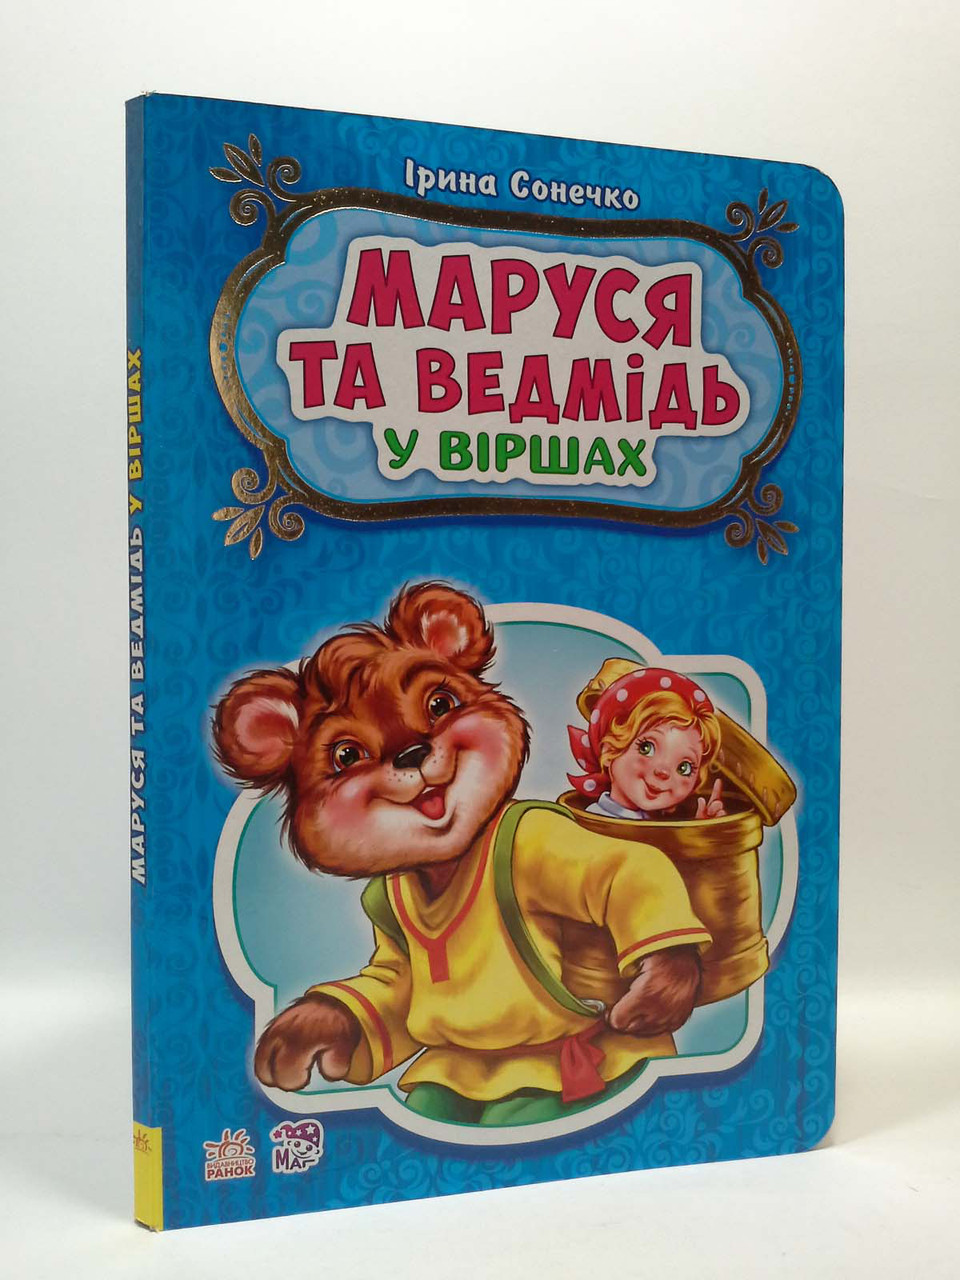 Ранок Картон Казка у віршах Маруся та ведмідь